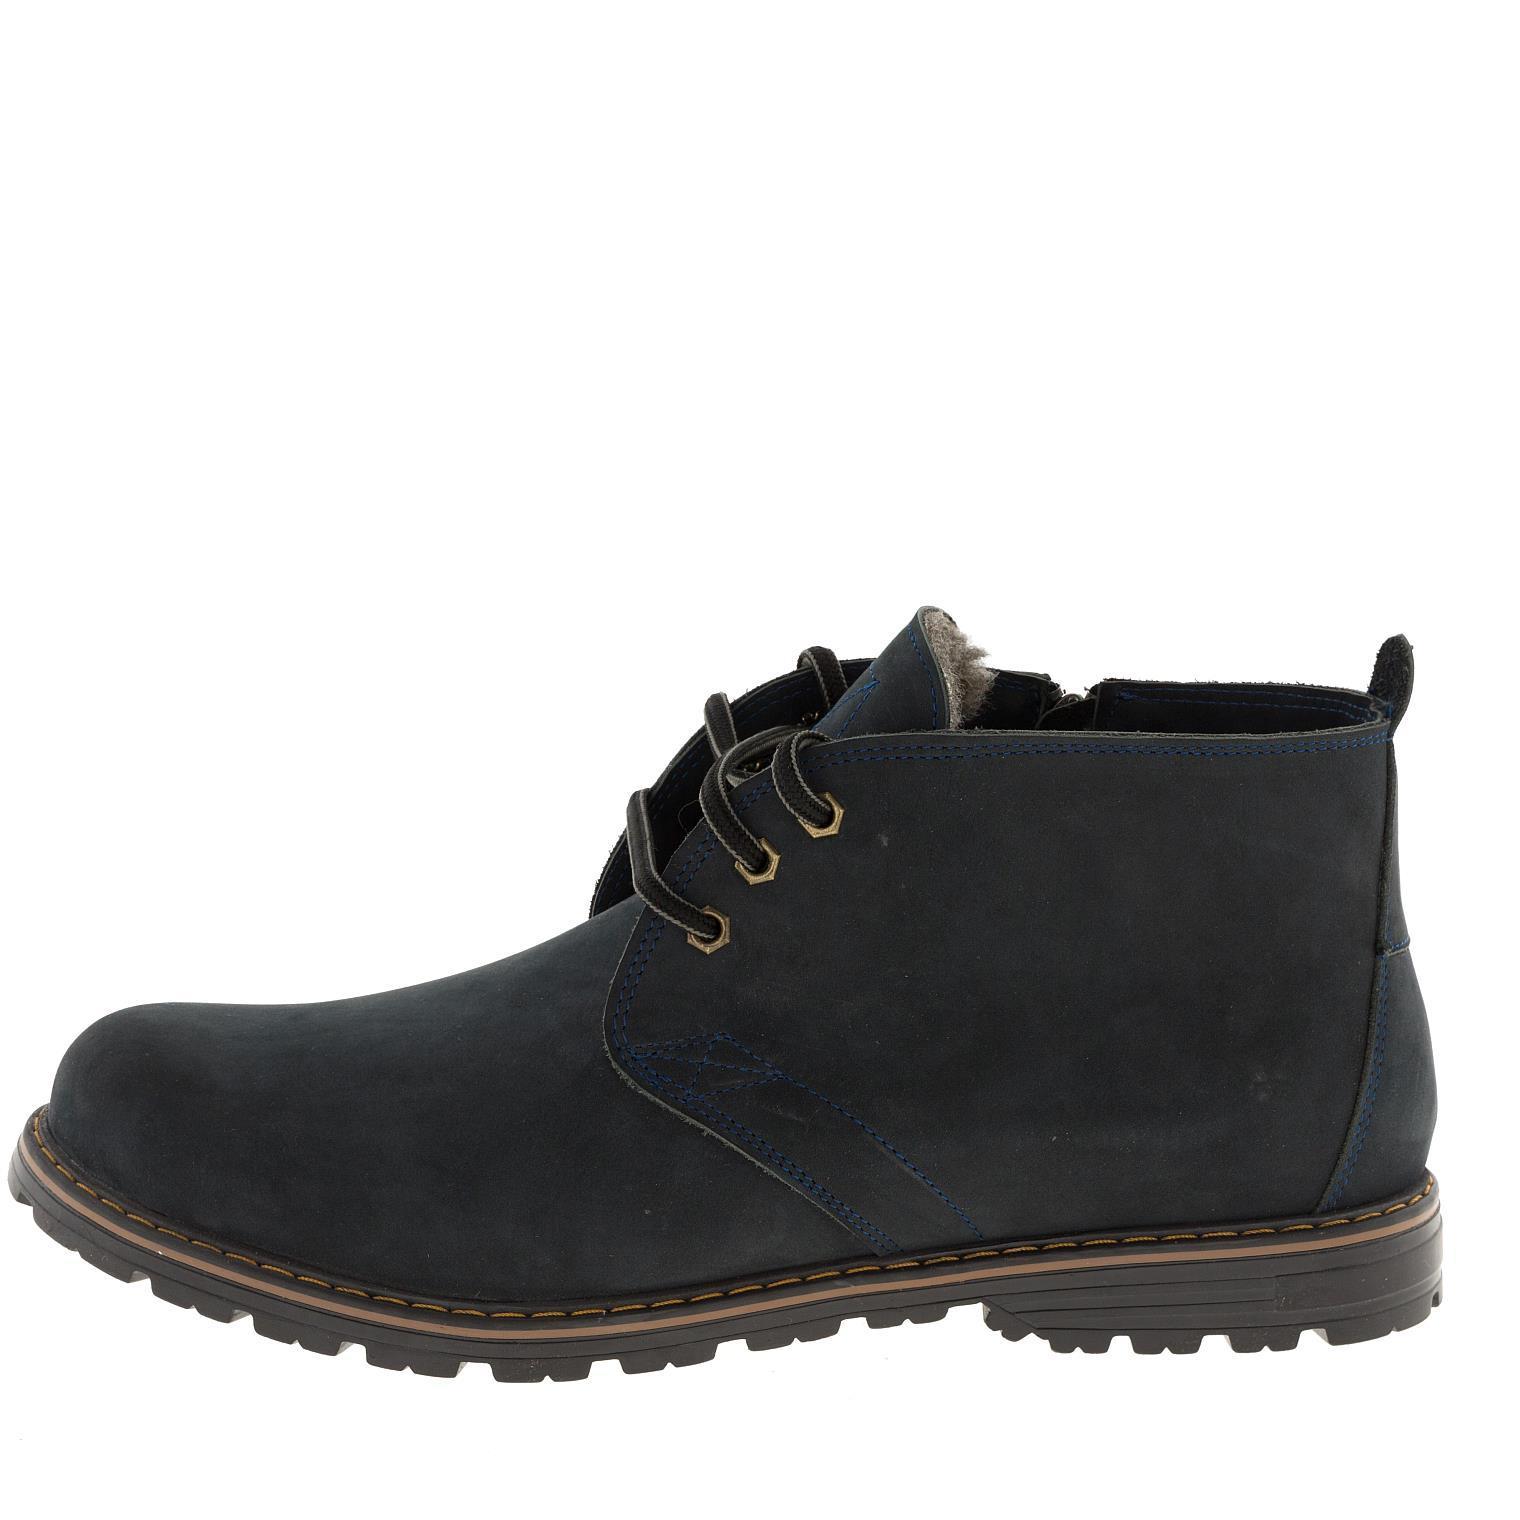 566483 ботинки мужские синие байка больших размеров марки Делфино